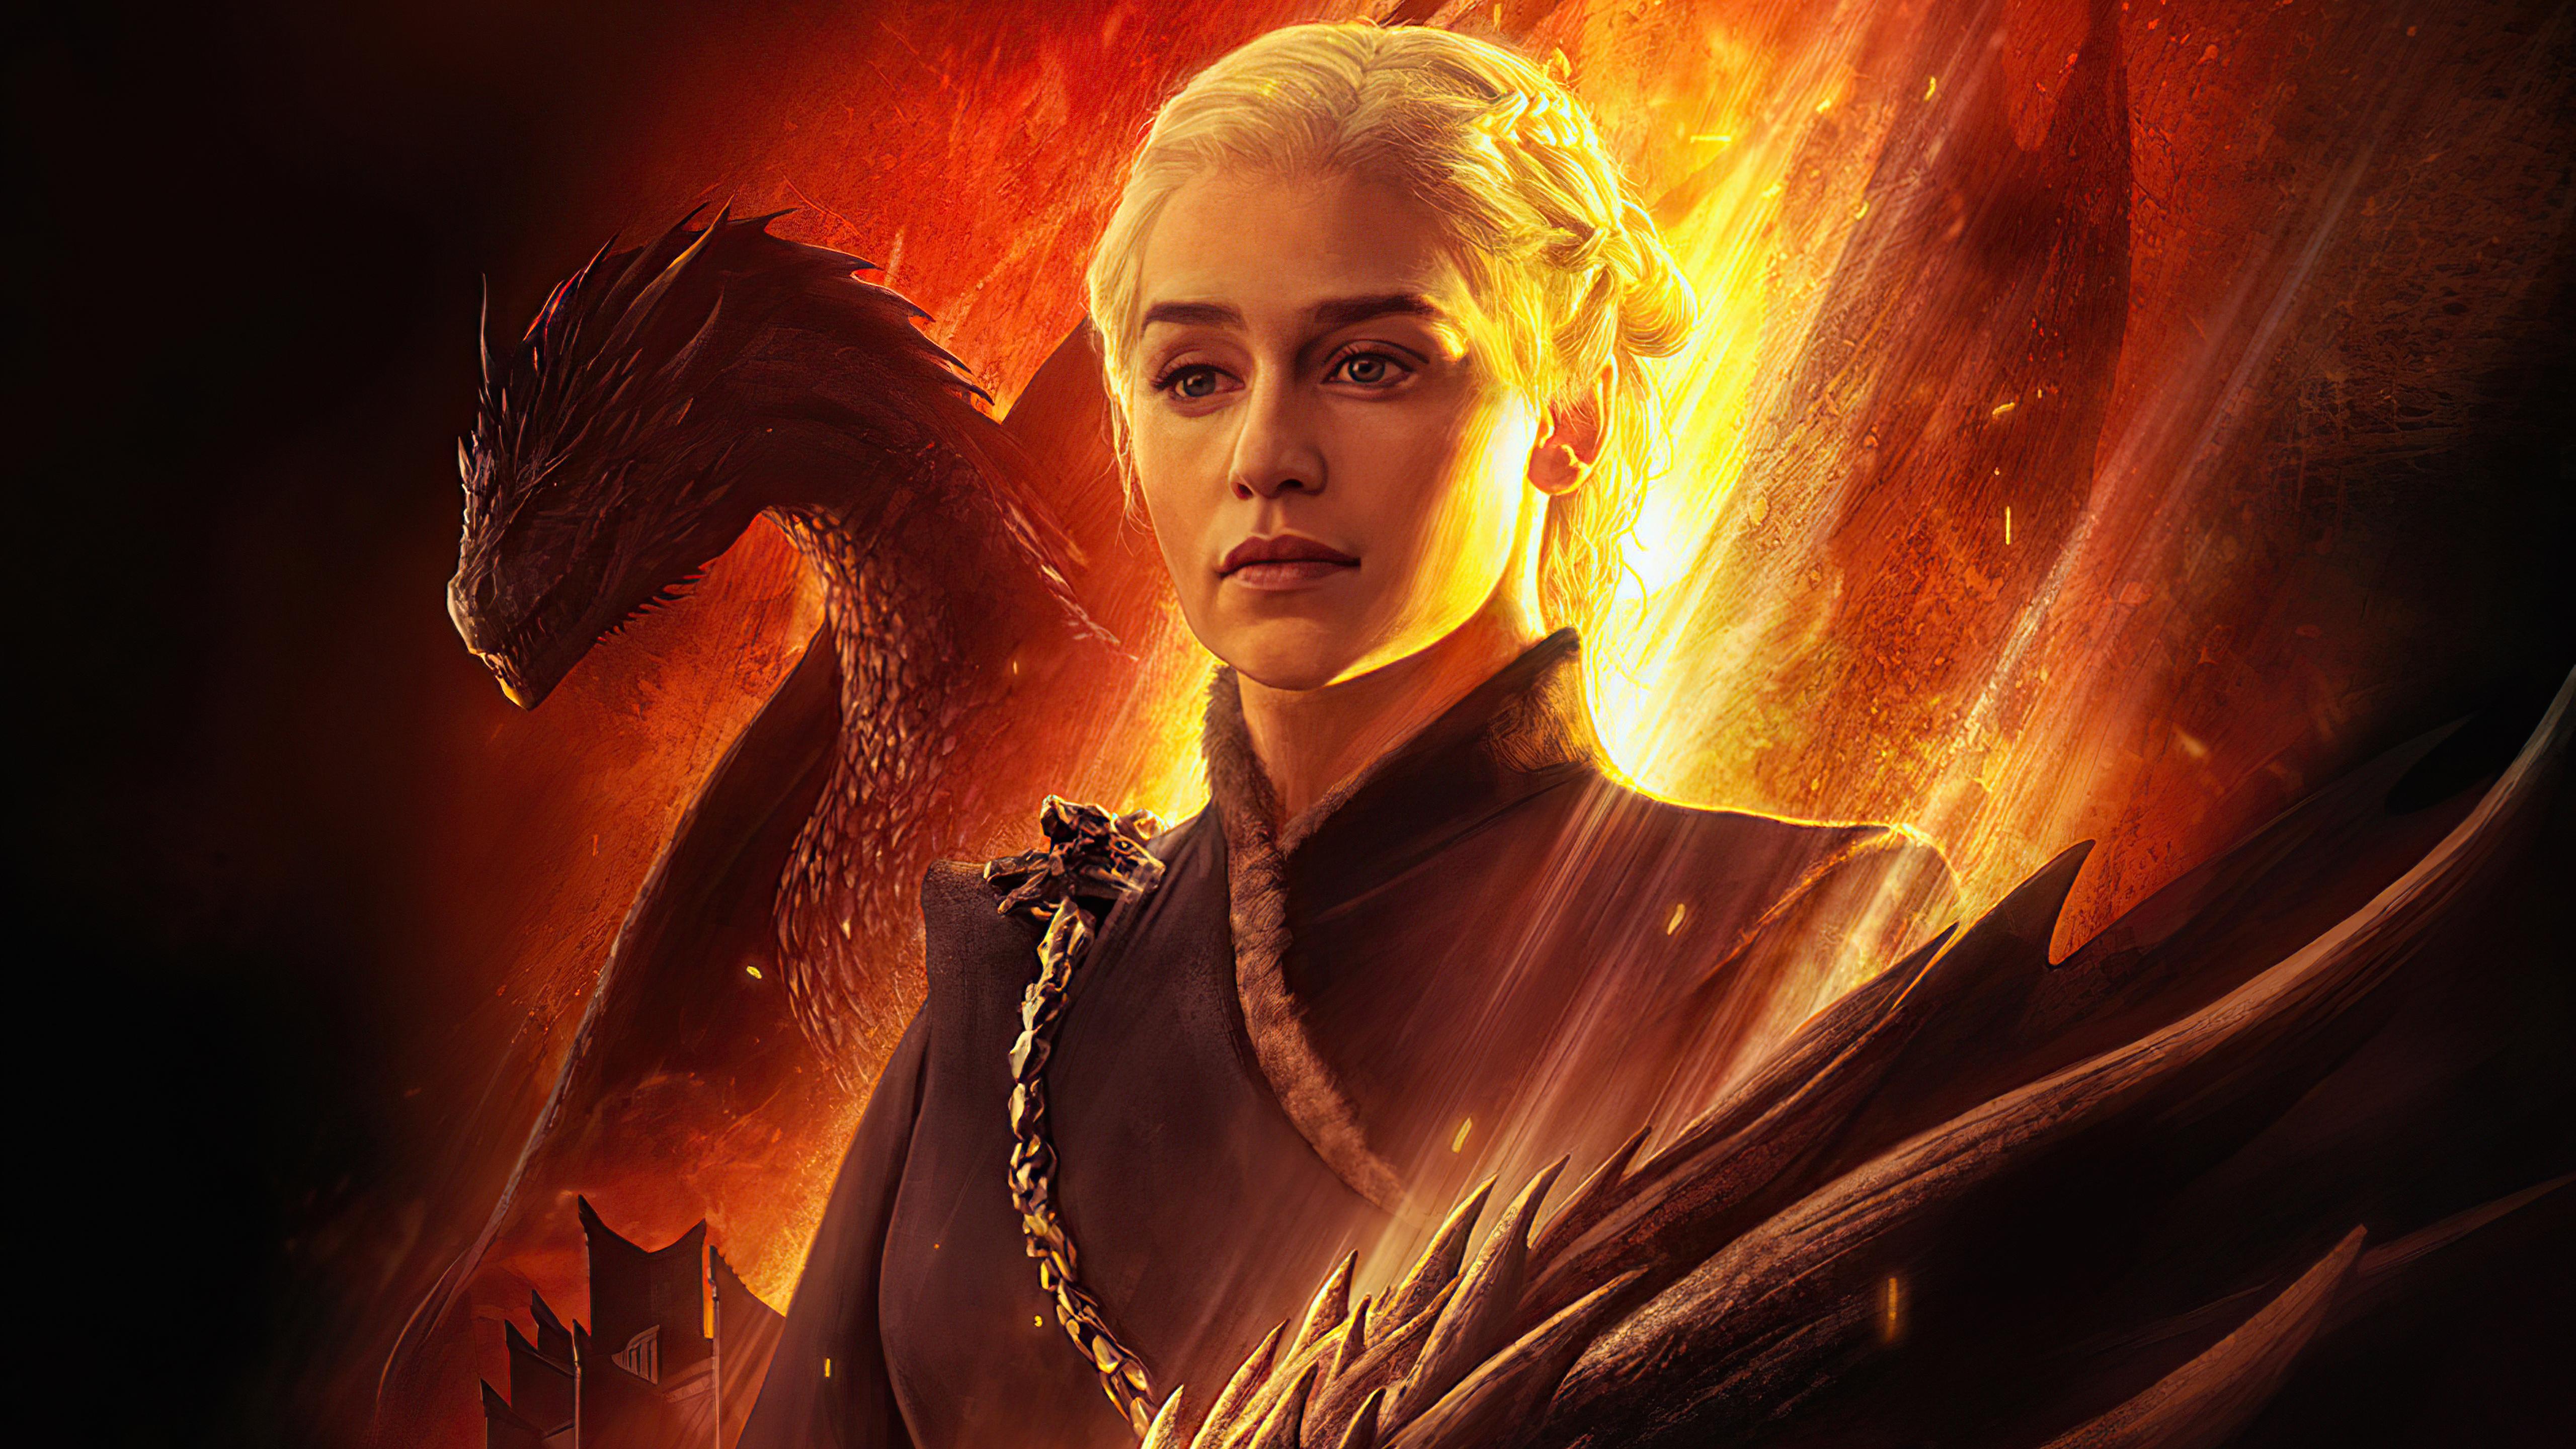 khaleesi-game-of-thrones-5k-k4.jpg